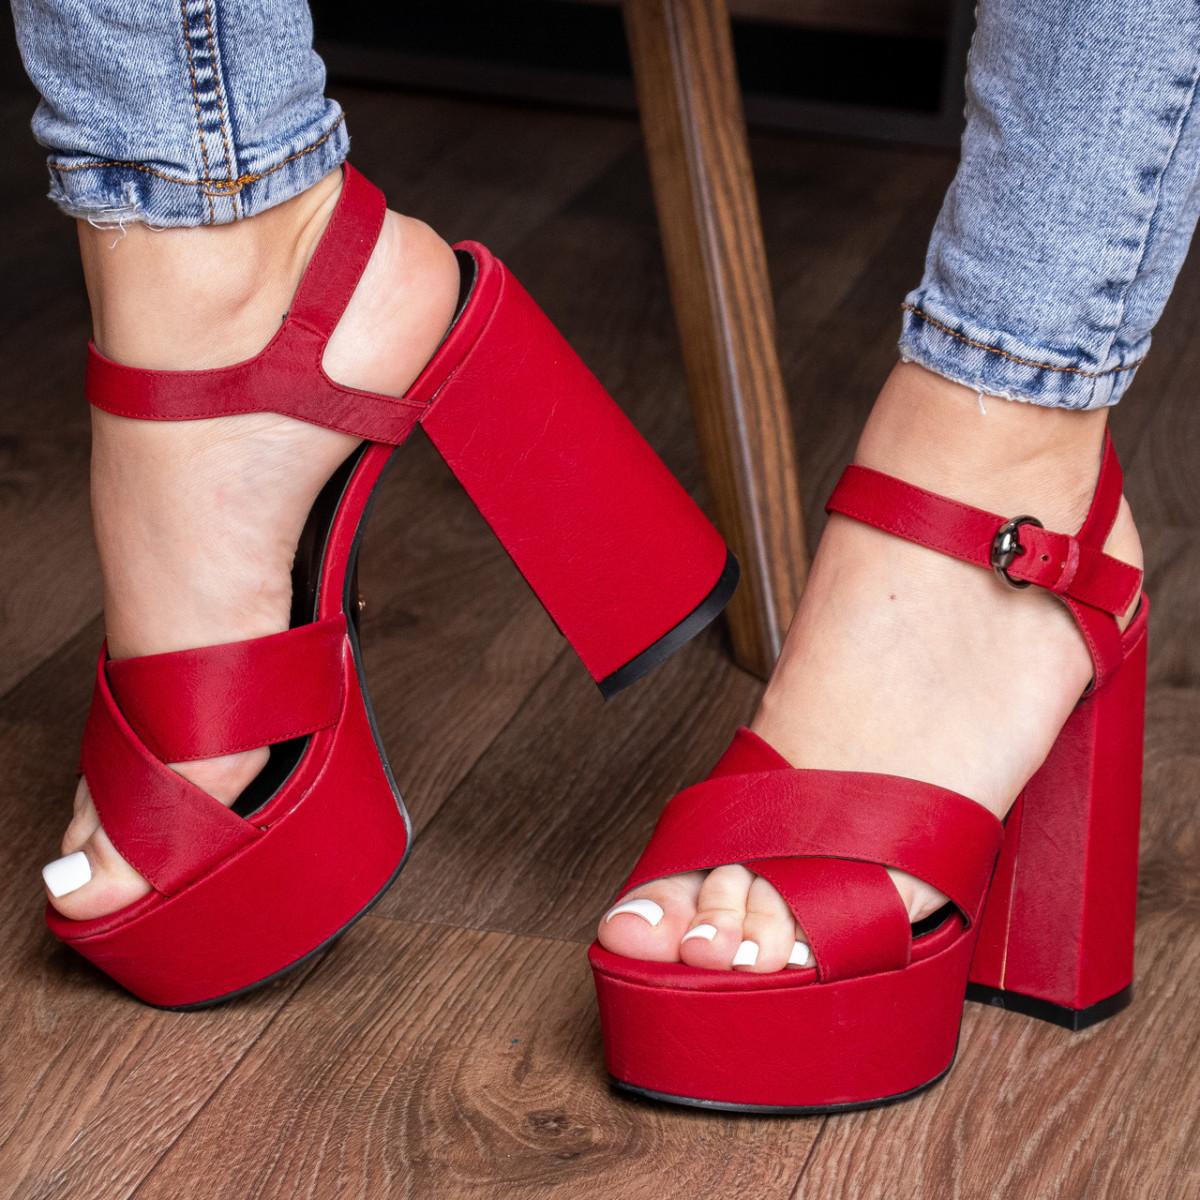 Женские босоножки Fashion Aquelina 3094 35 размер 23 см Красный